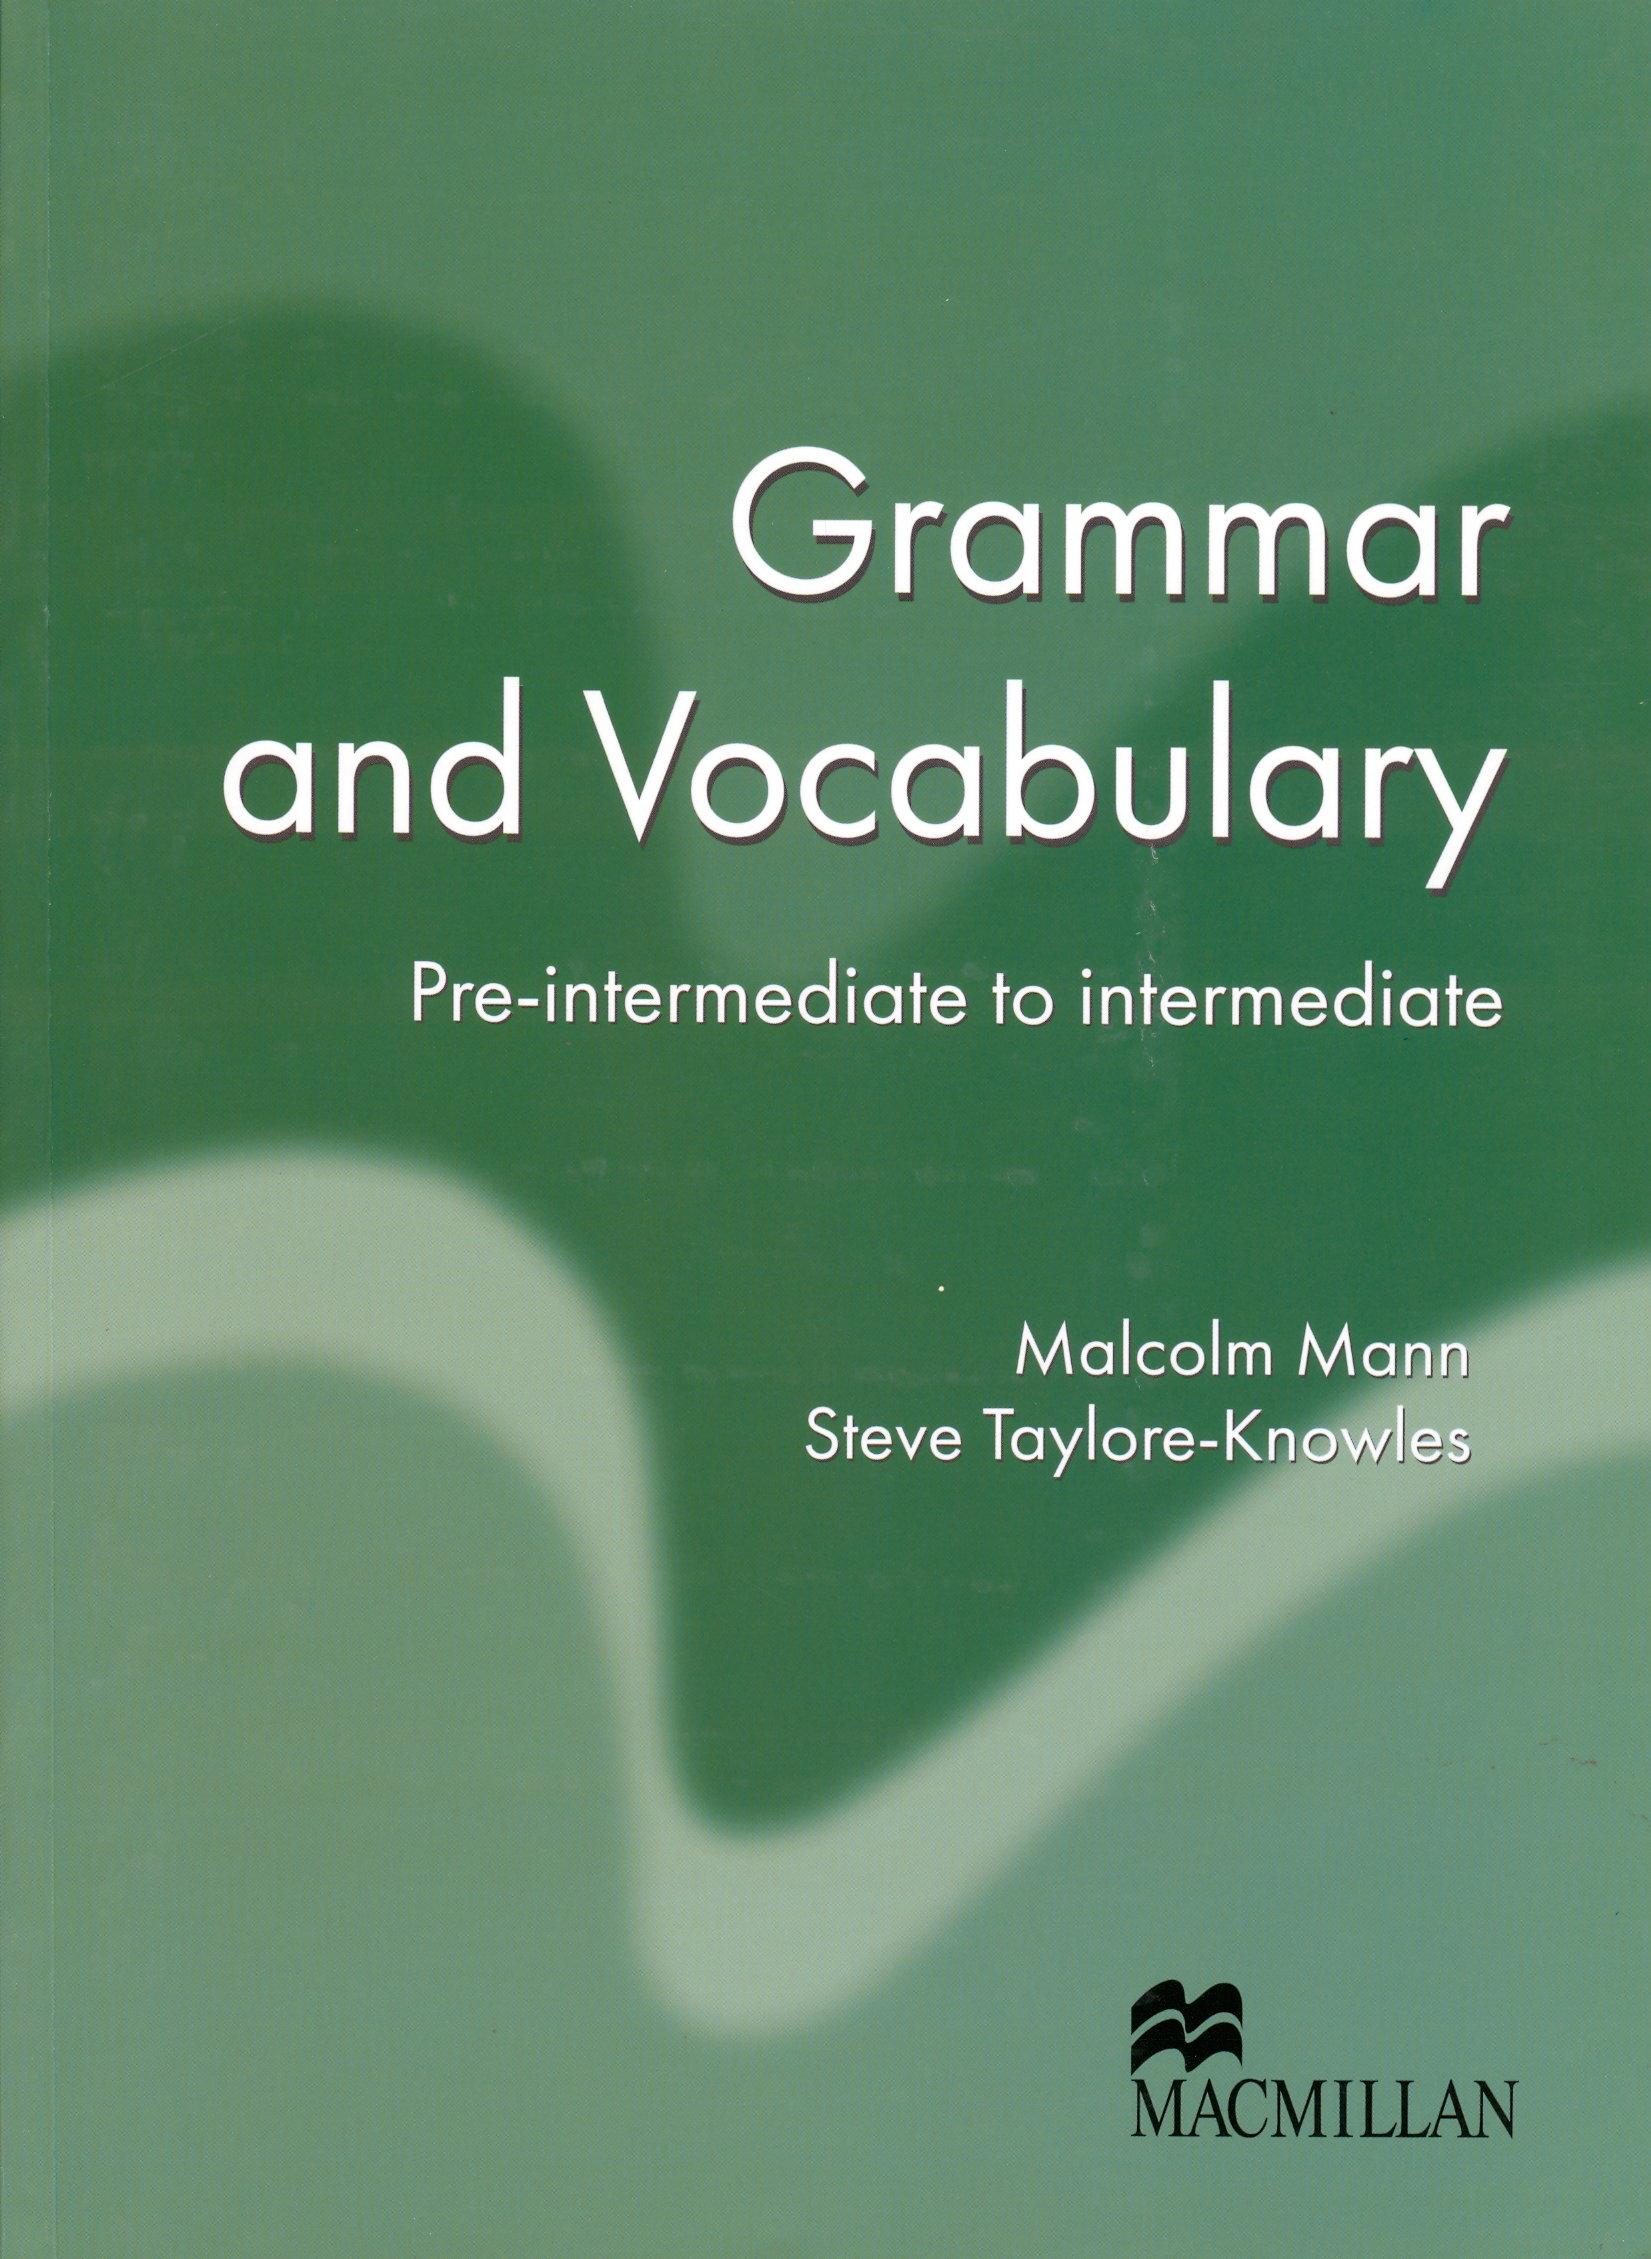 Учебник английского языка macmillan reward- фотография 1 нажмите, чтобы перейти в профиль